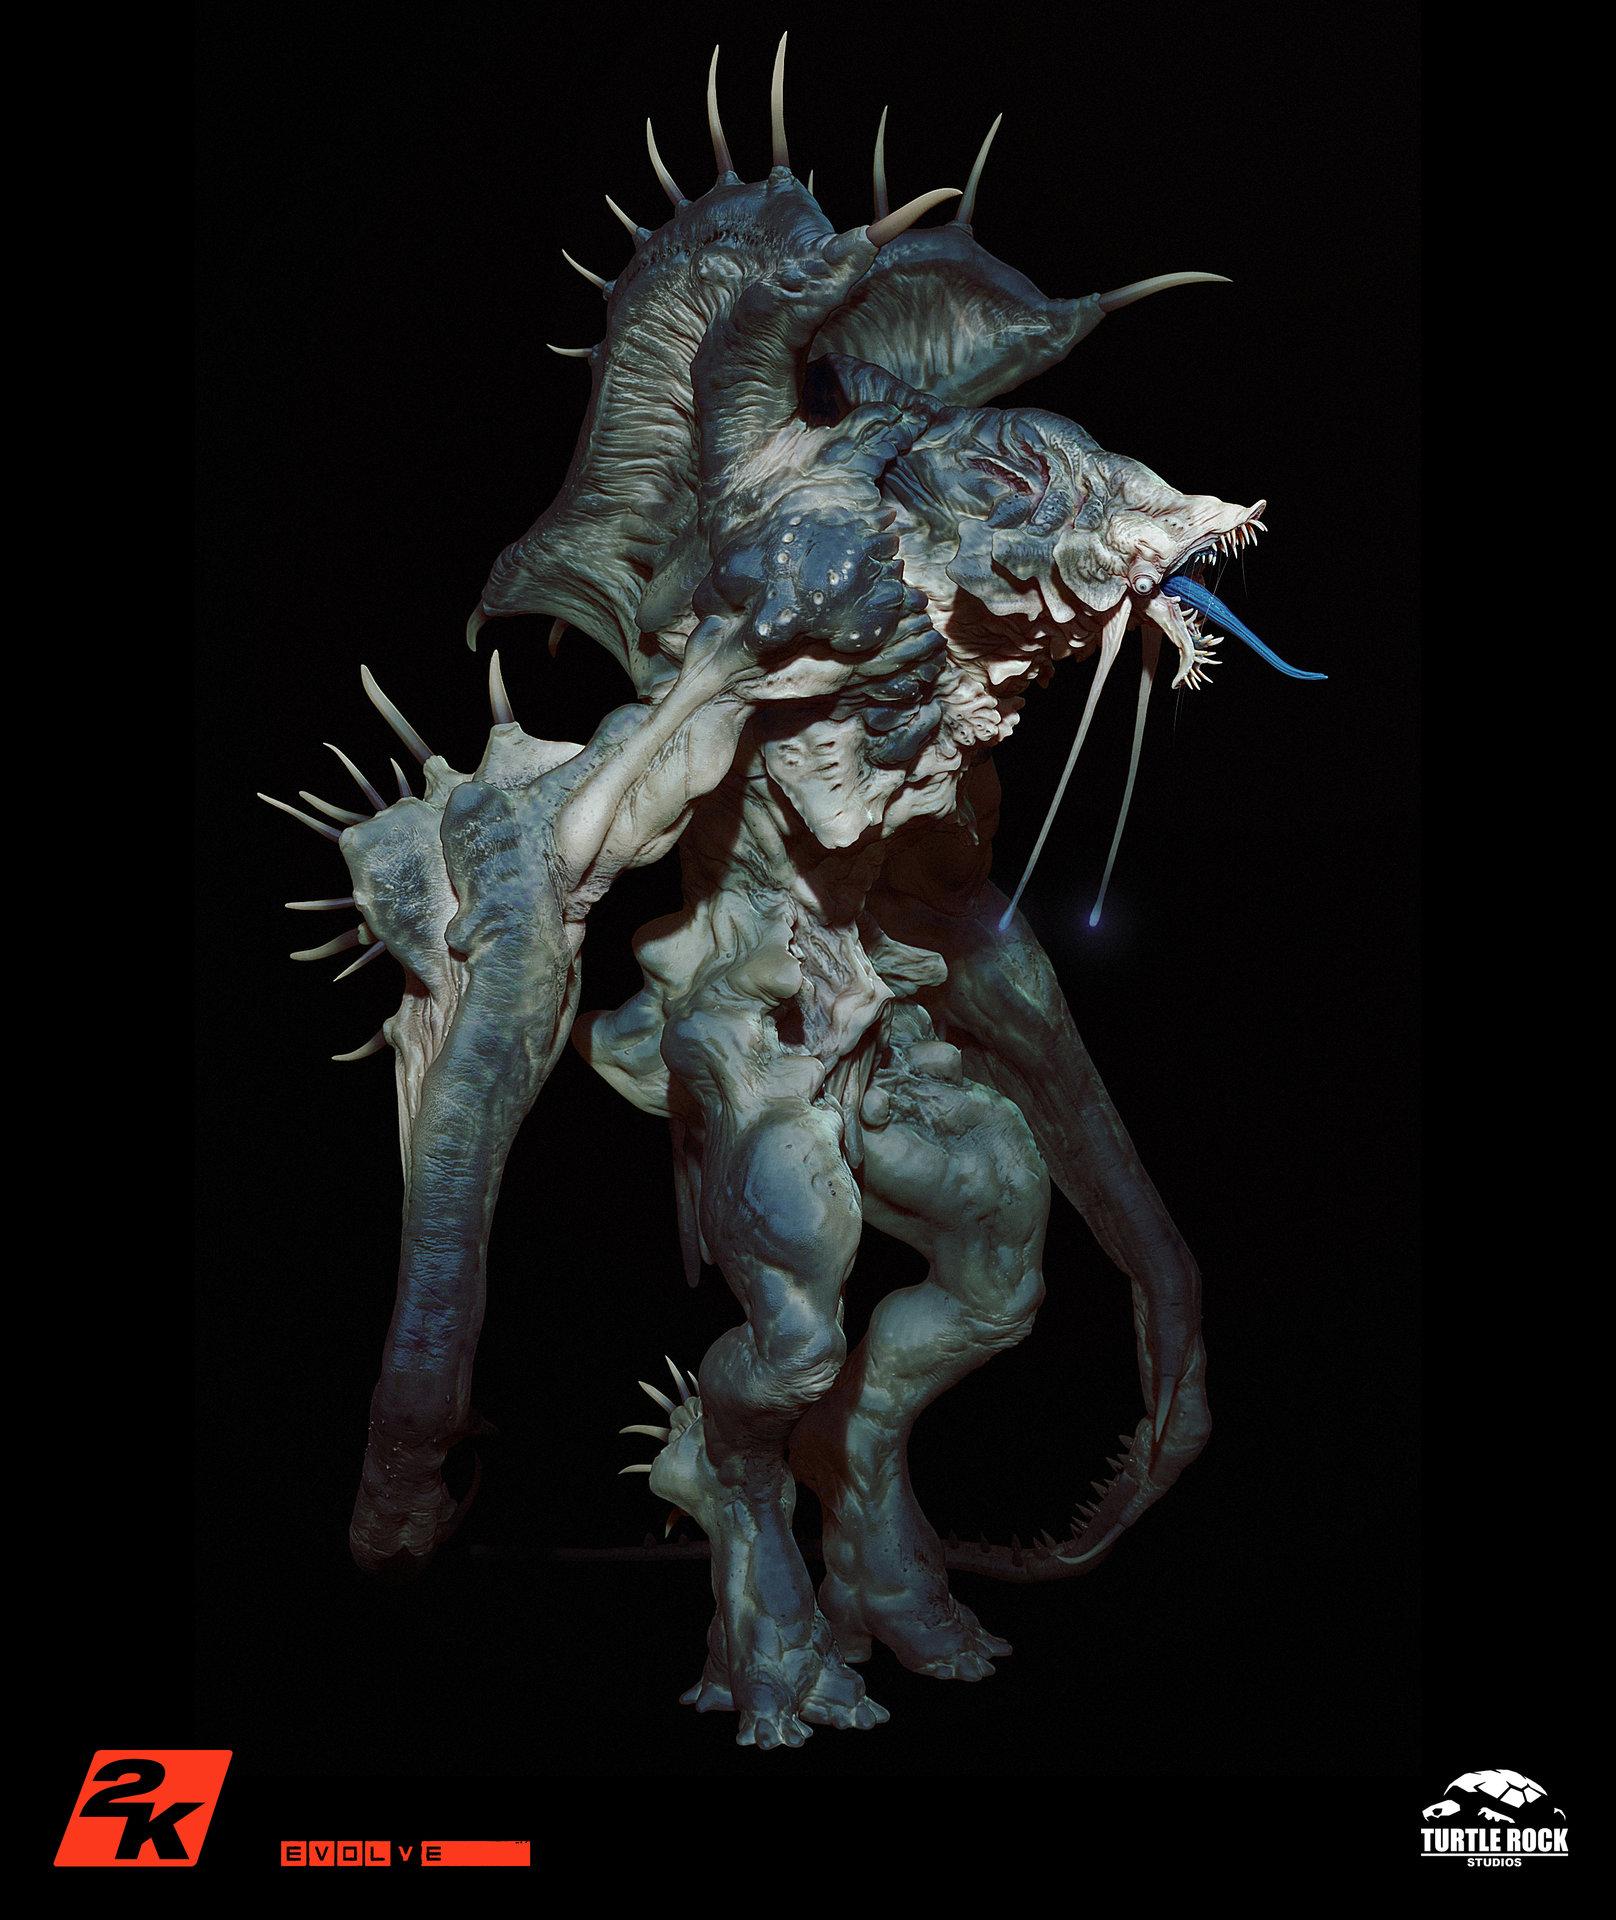 Profile: character artist Kurt Papstein - ArtStation Magazine